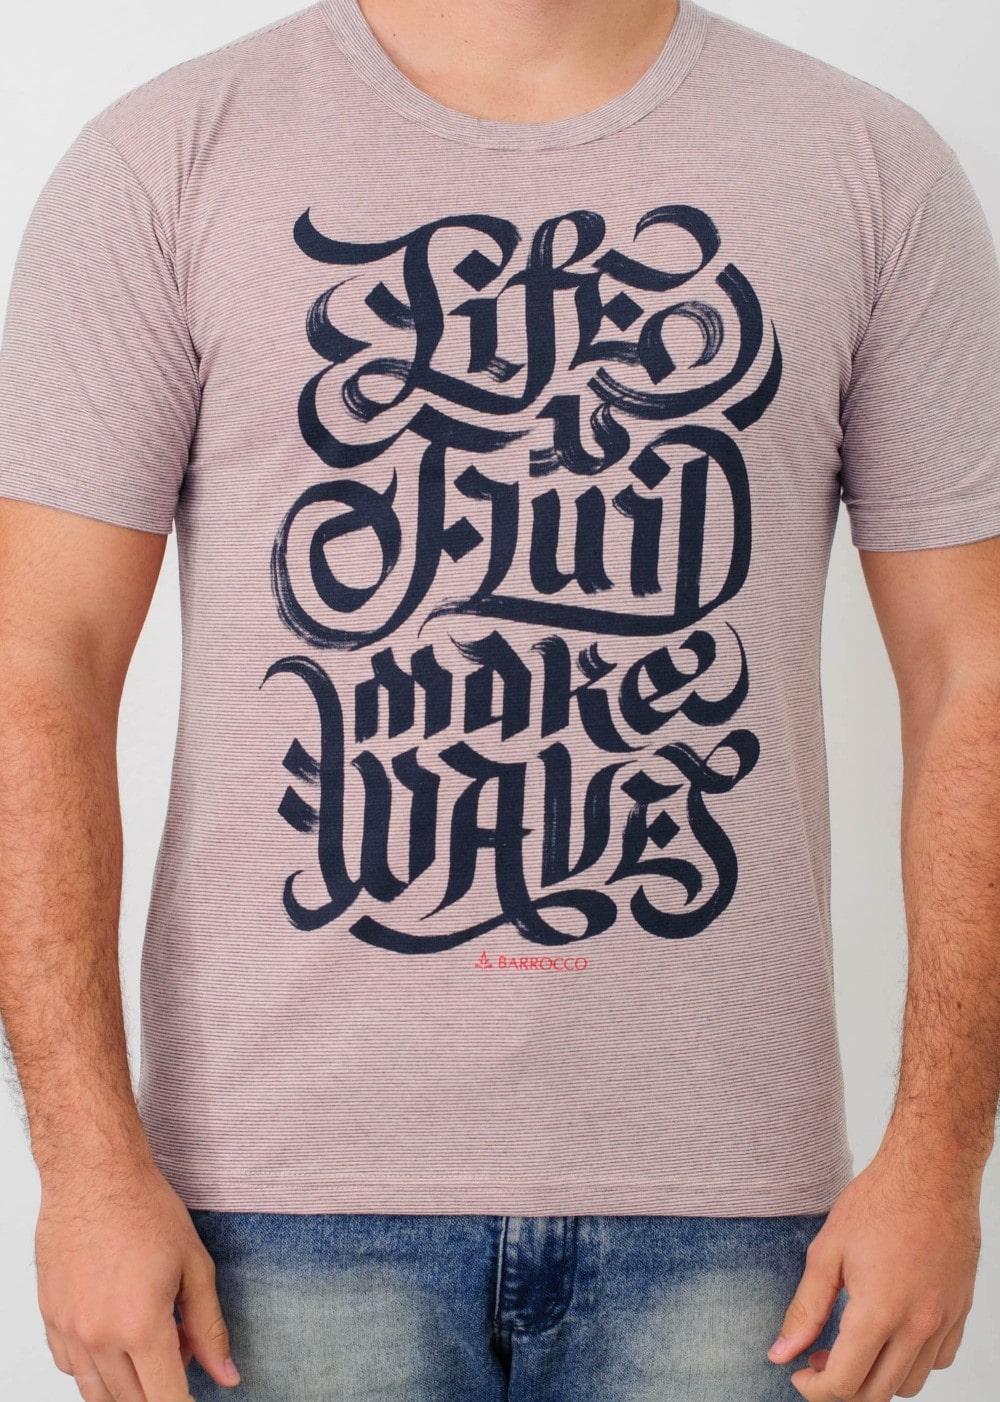 Camiseta Barrocco Viva na Onda